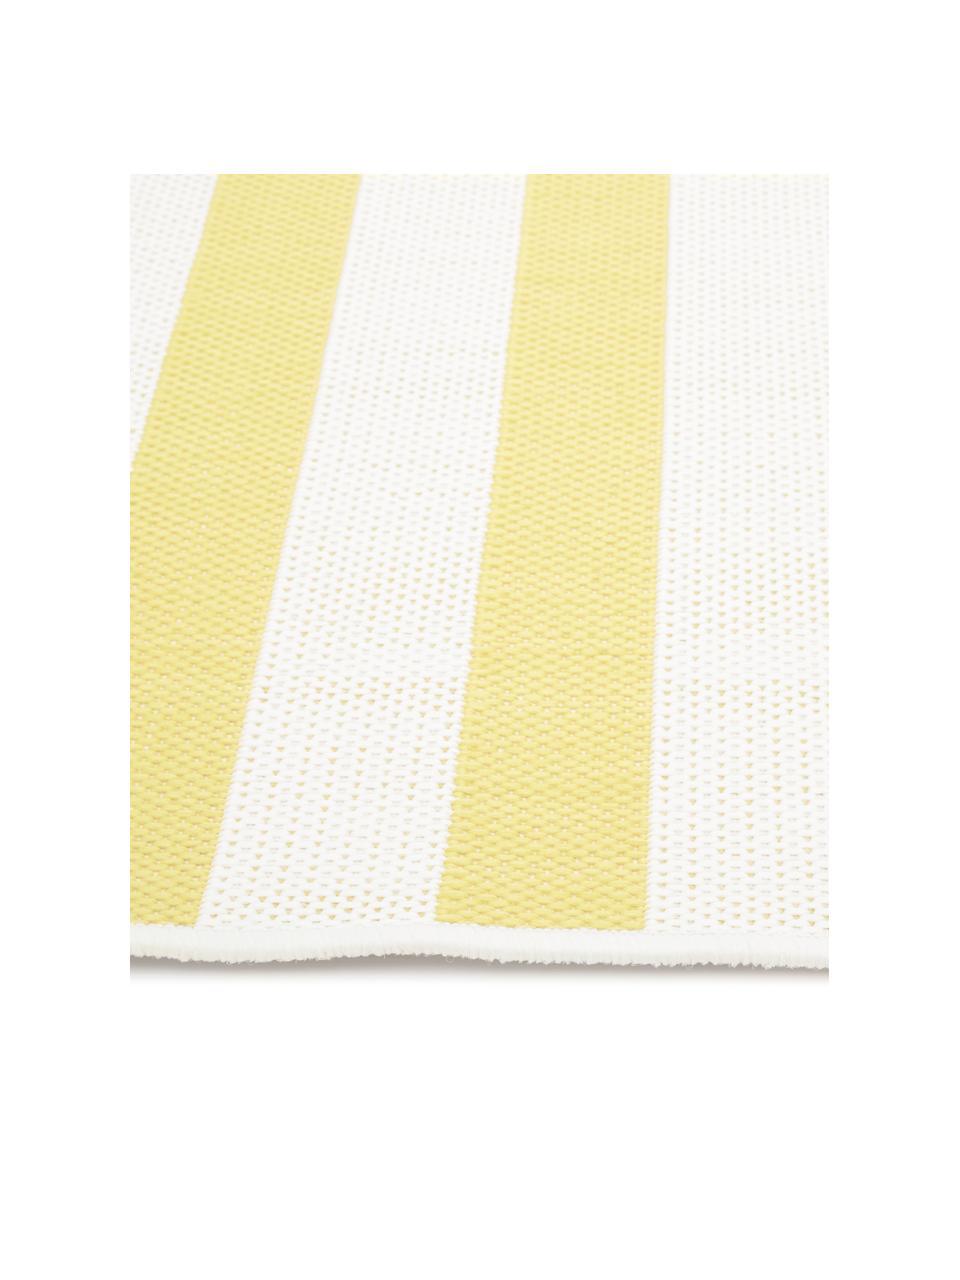 Gestreifter In- & Outdoor-Teppich Axa in Gelb/Weiß, Flor: 100% Polypropylen, Cremeweiß, Gelb, B 160 x L 230 cm (Größe M)